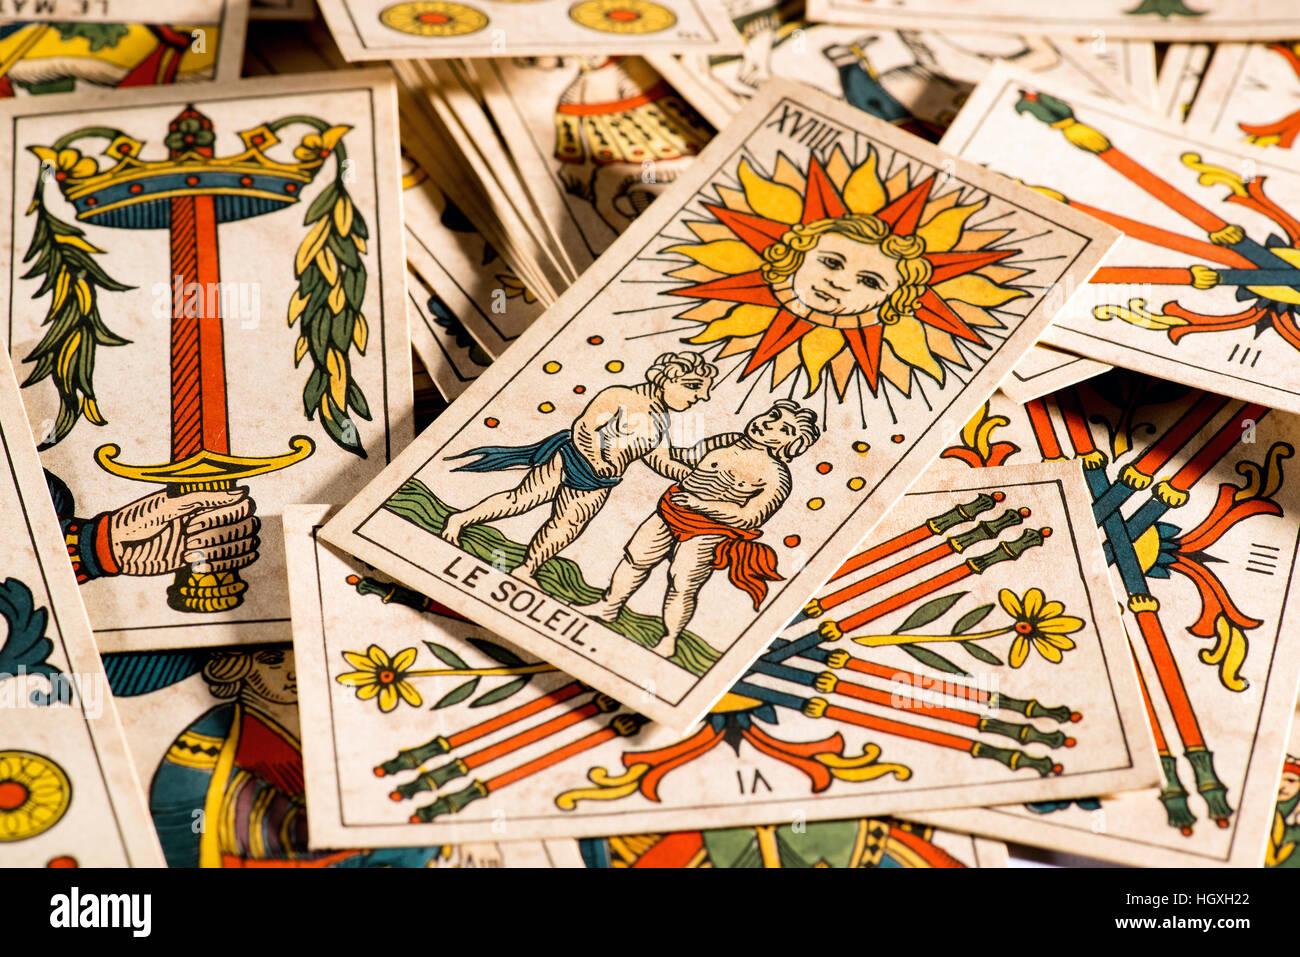 Ver Cultivo de muchas cartas del tarot desordenado tumbado sobre la mesa con uno con el sol y Le Soleil sign on Foto de stock